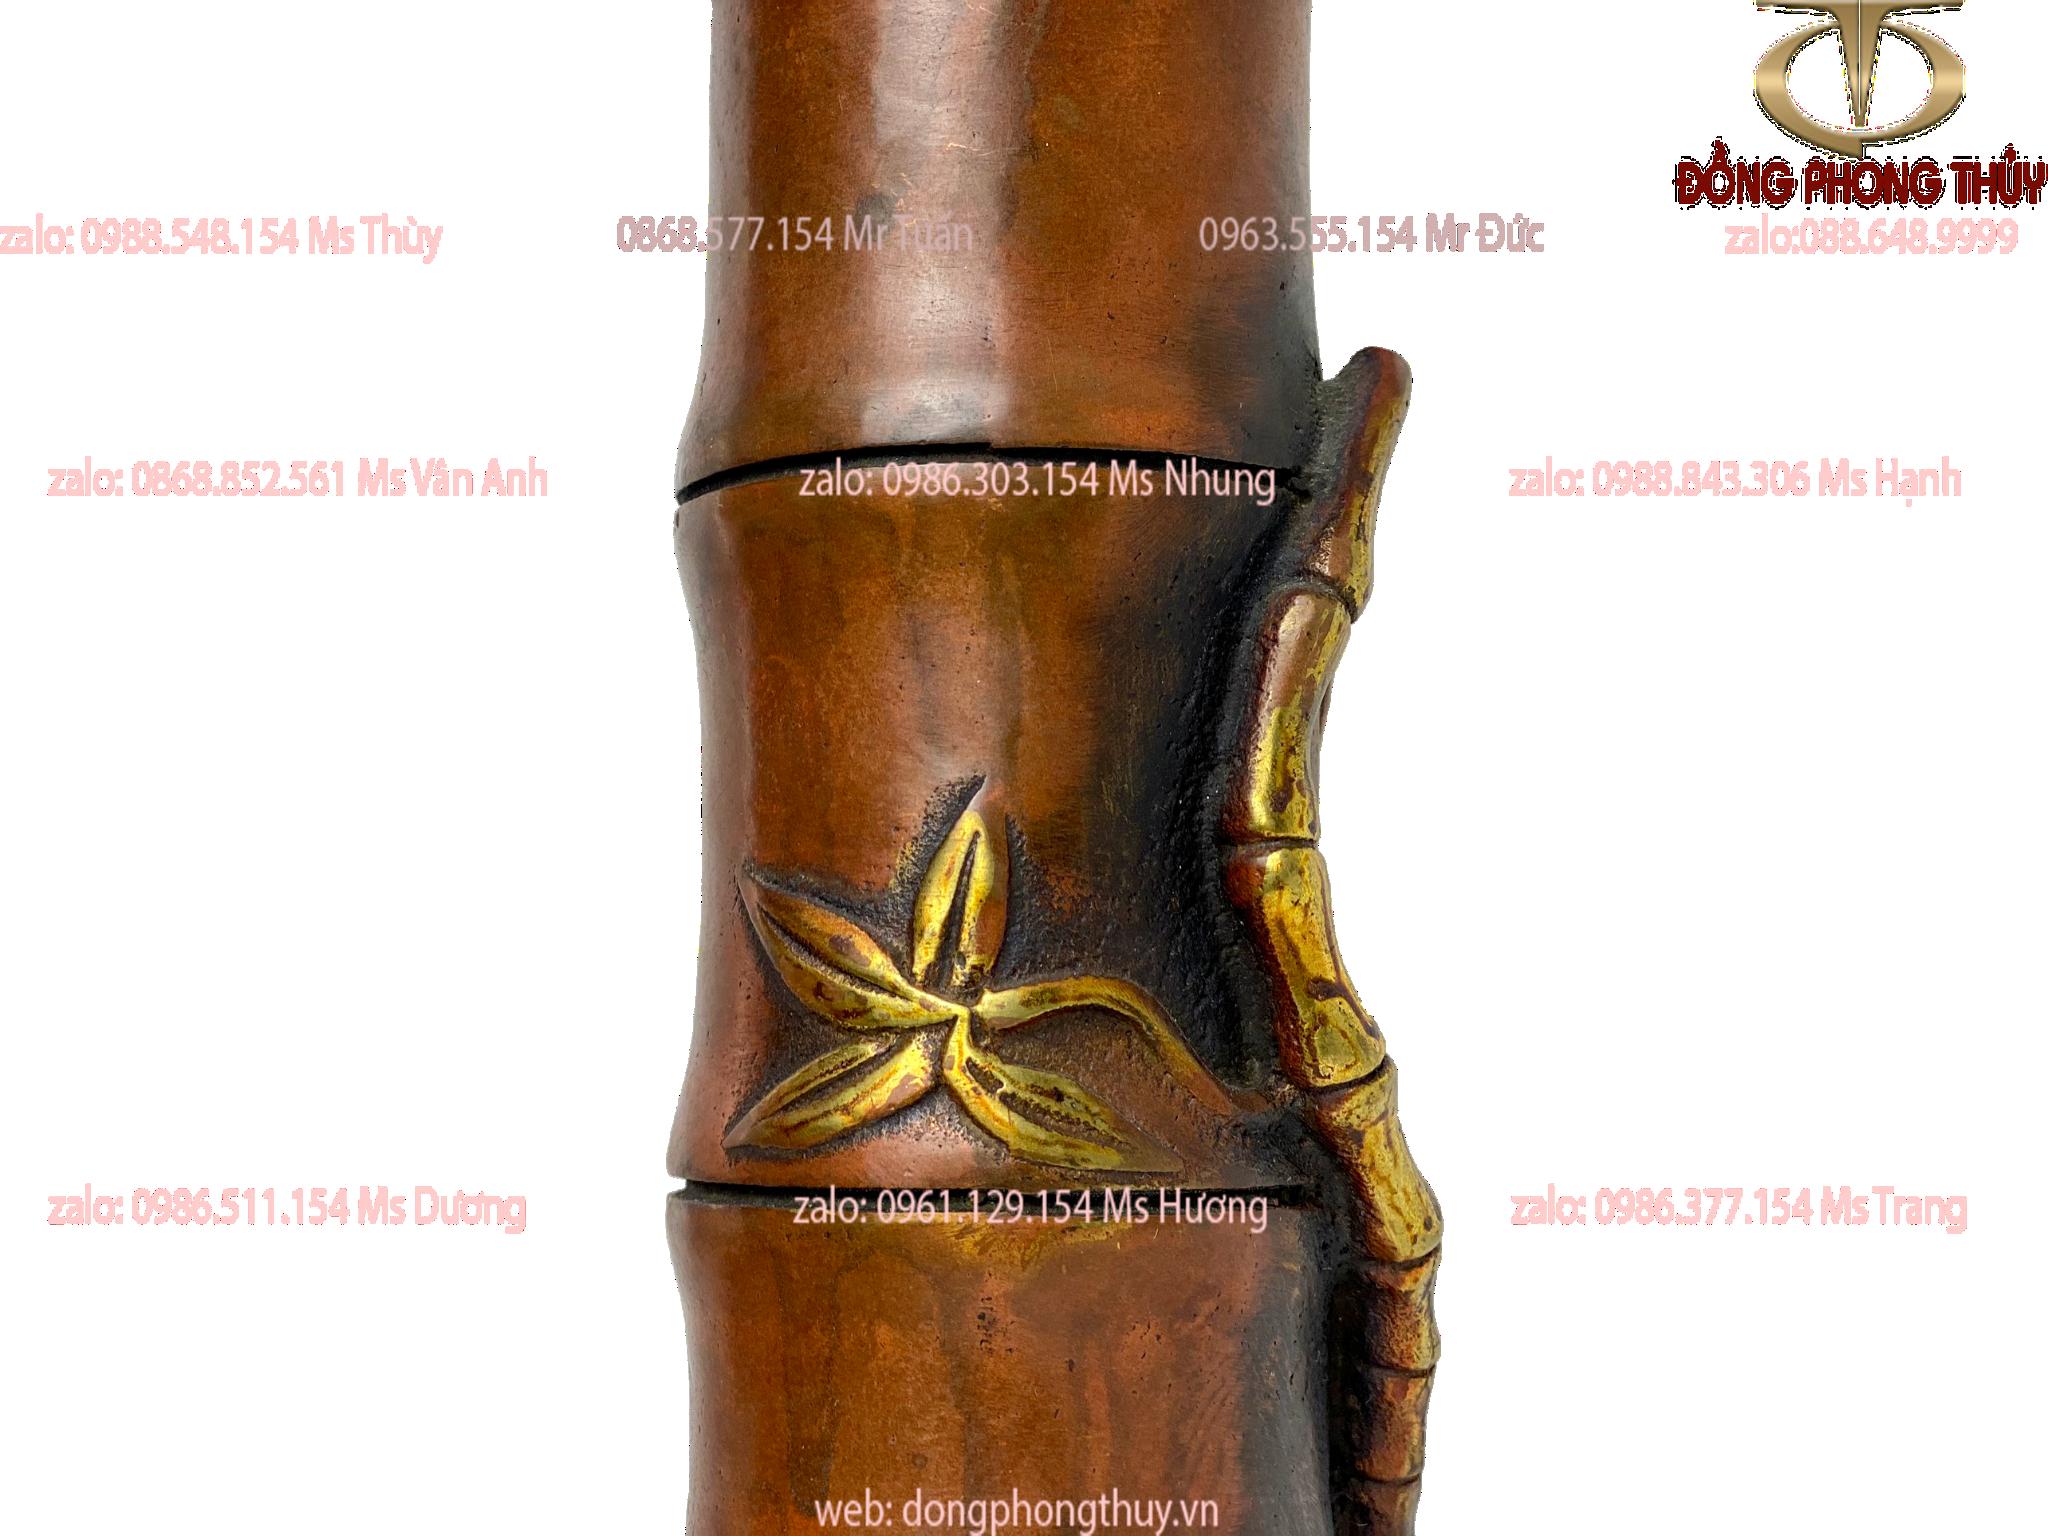 Chiếc ống đựng bút bằng đồng dáng cây trúc cao 18 rộng 6cm nặng 0,7kg